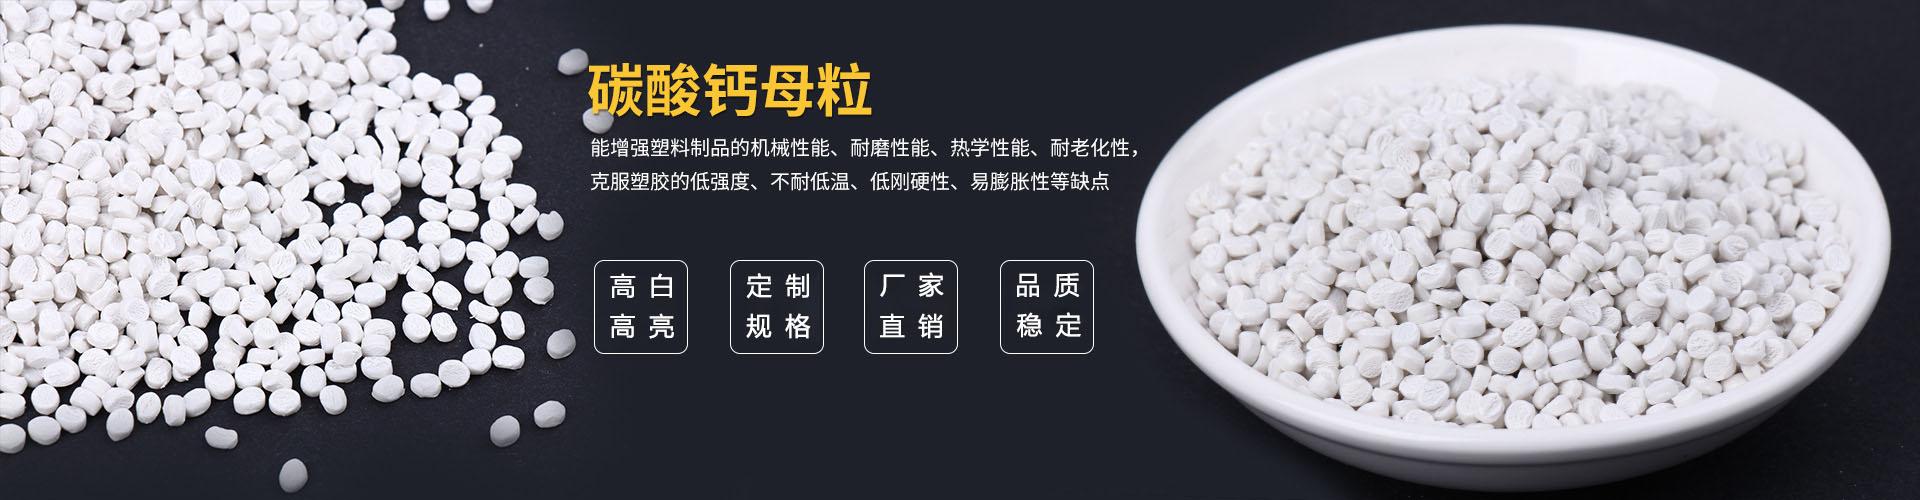 碳酸钙母粒